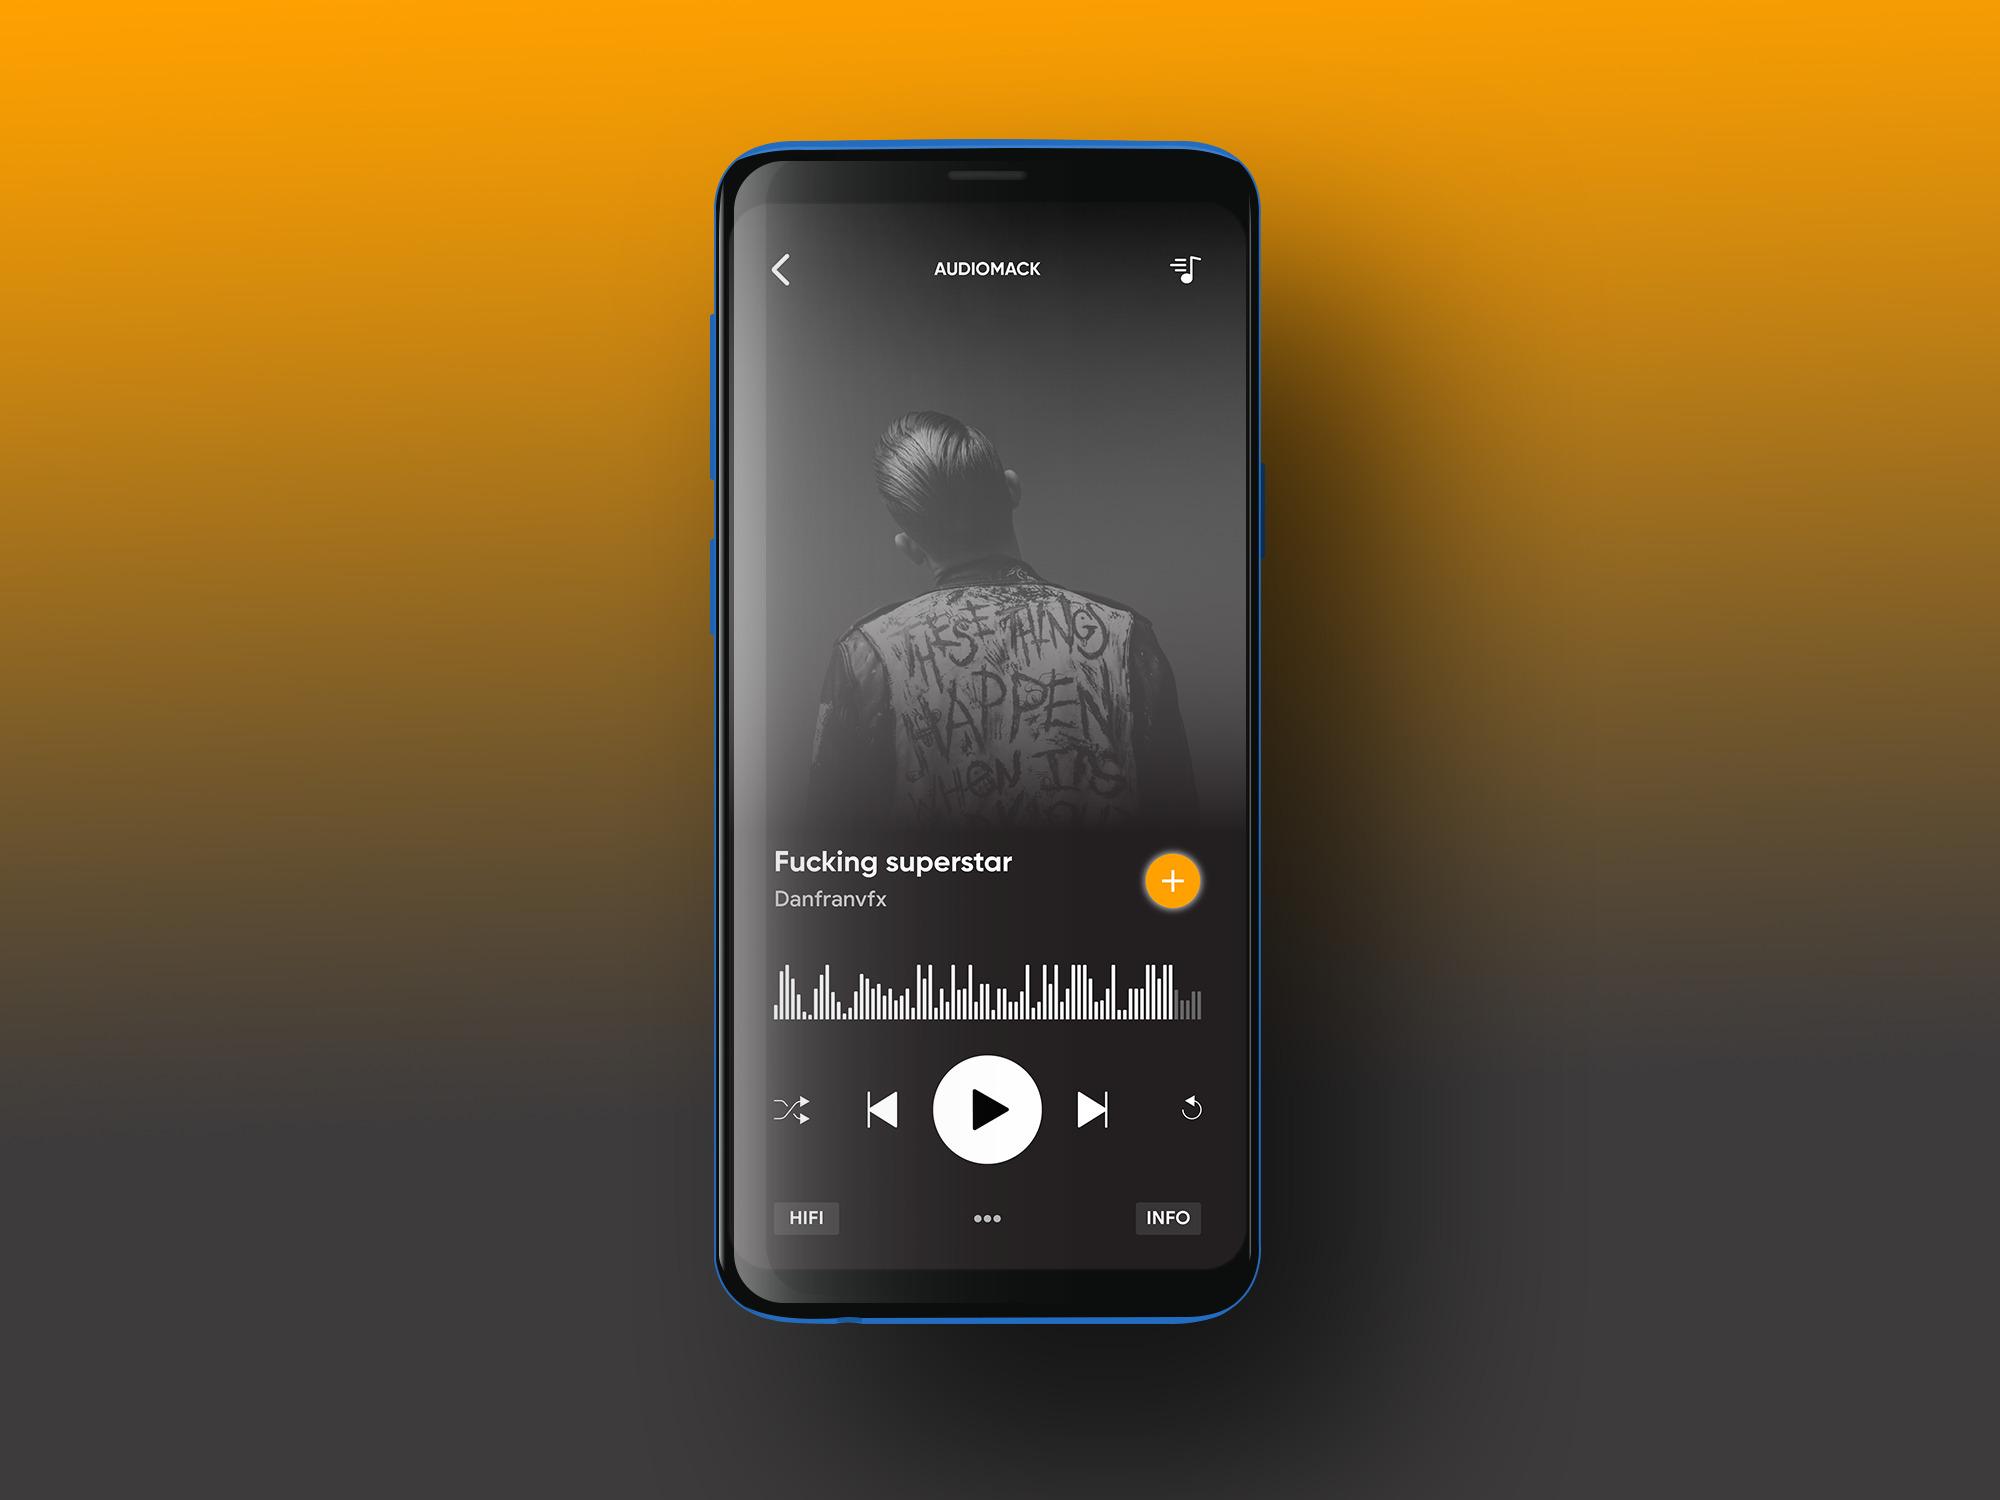 É possível baixar qualquer música gratuitamente no celular